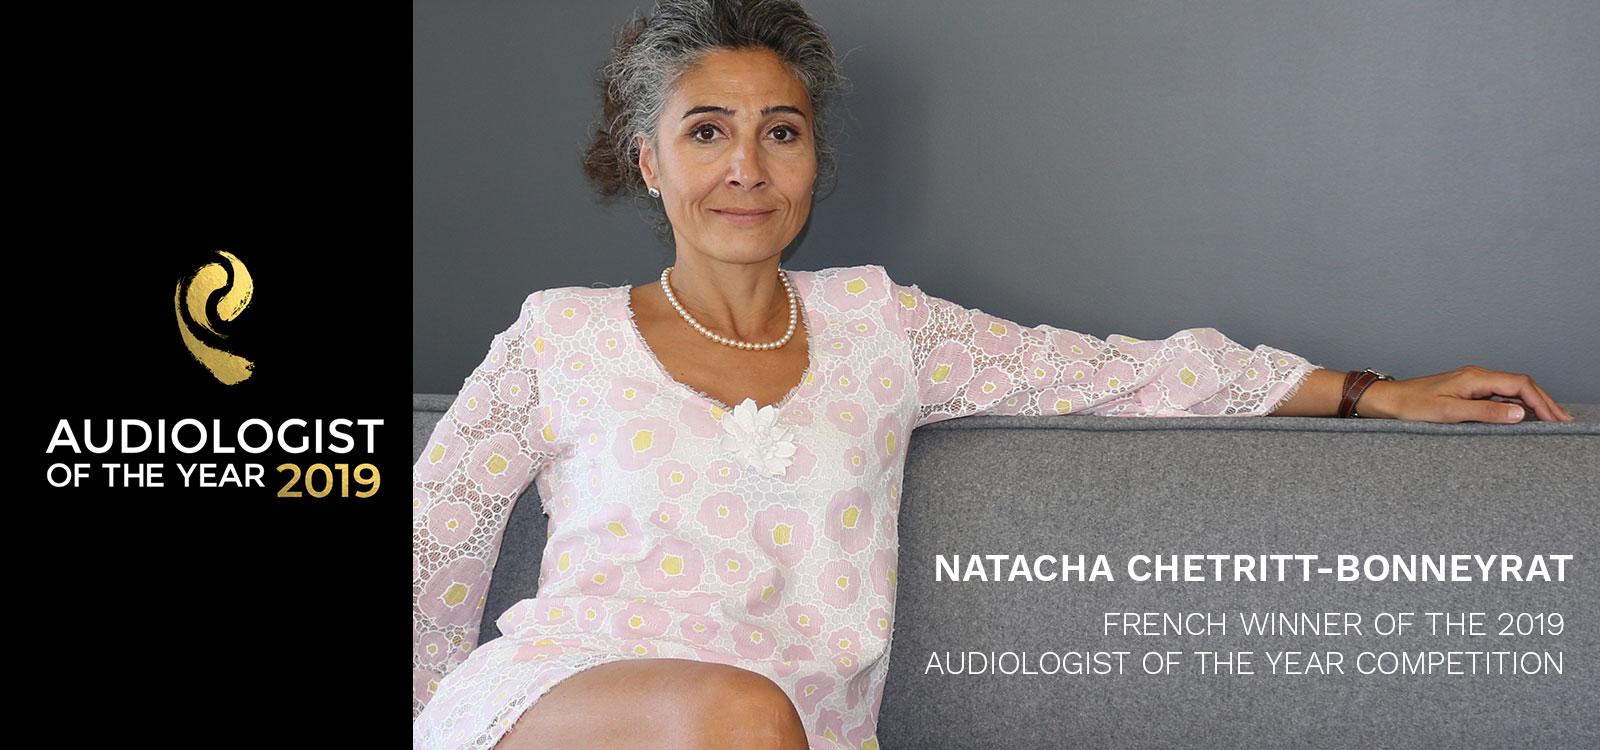 slider-hearing-institute-natasha-chetritt-bonneyrat